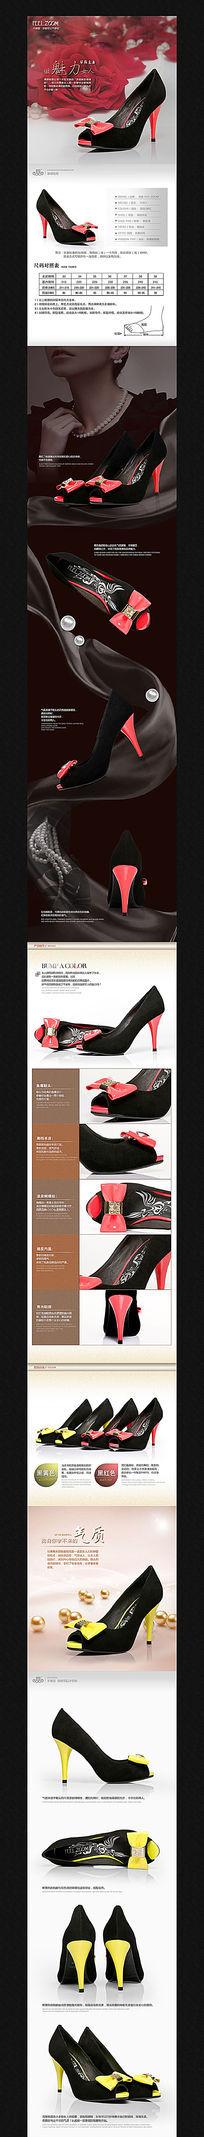 淘宝女鞋瓢鞋详情页细节PSD设计模板